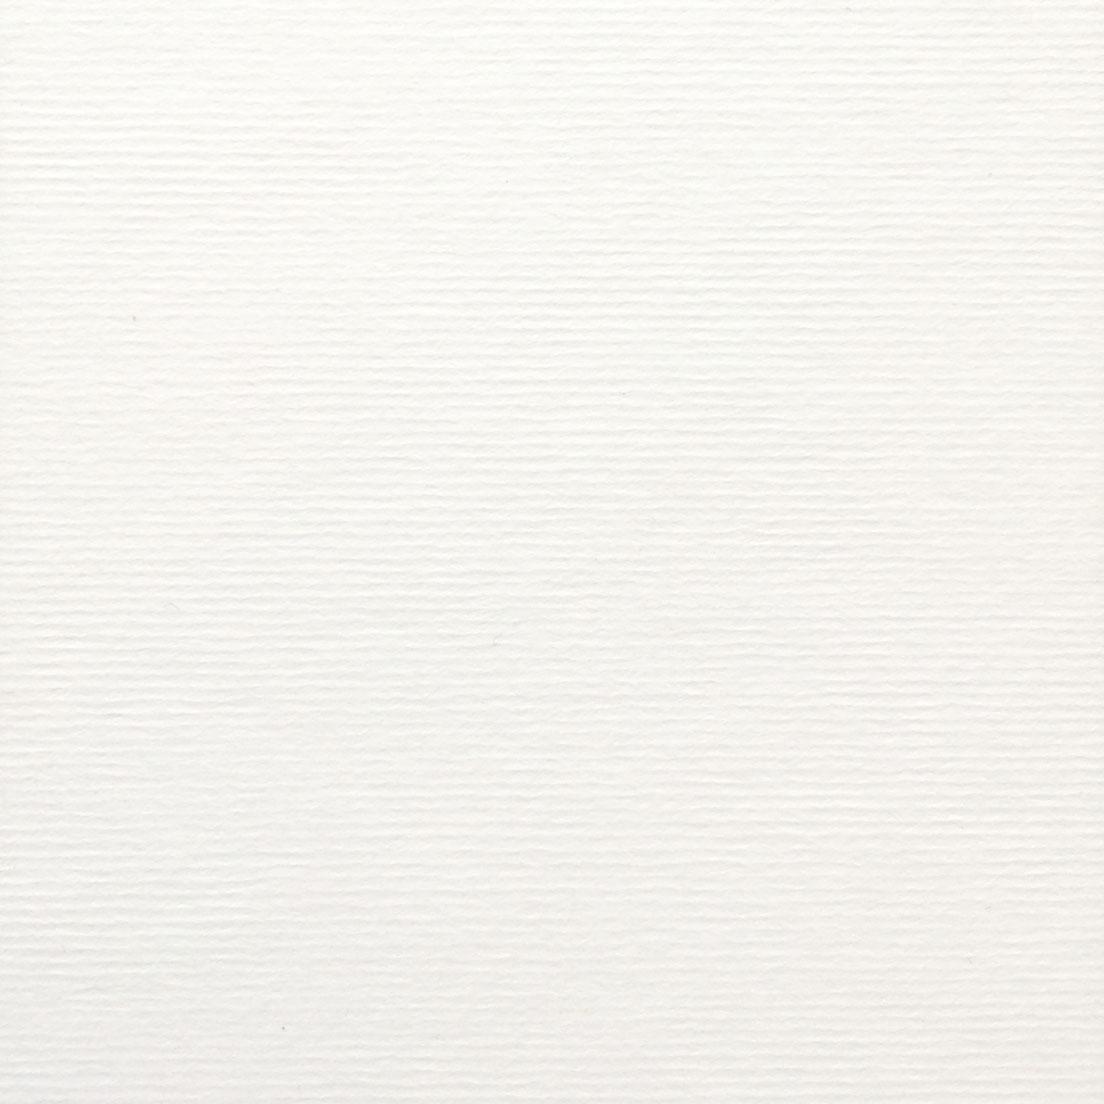 2,3 mm Standard-Passepartout mit individuellem Ausschnitt Arktisweiß